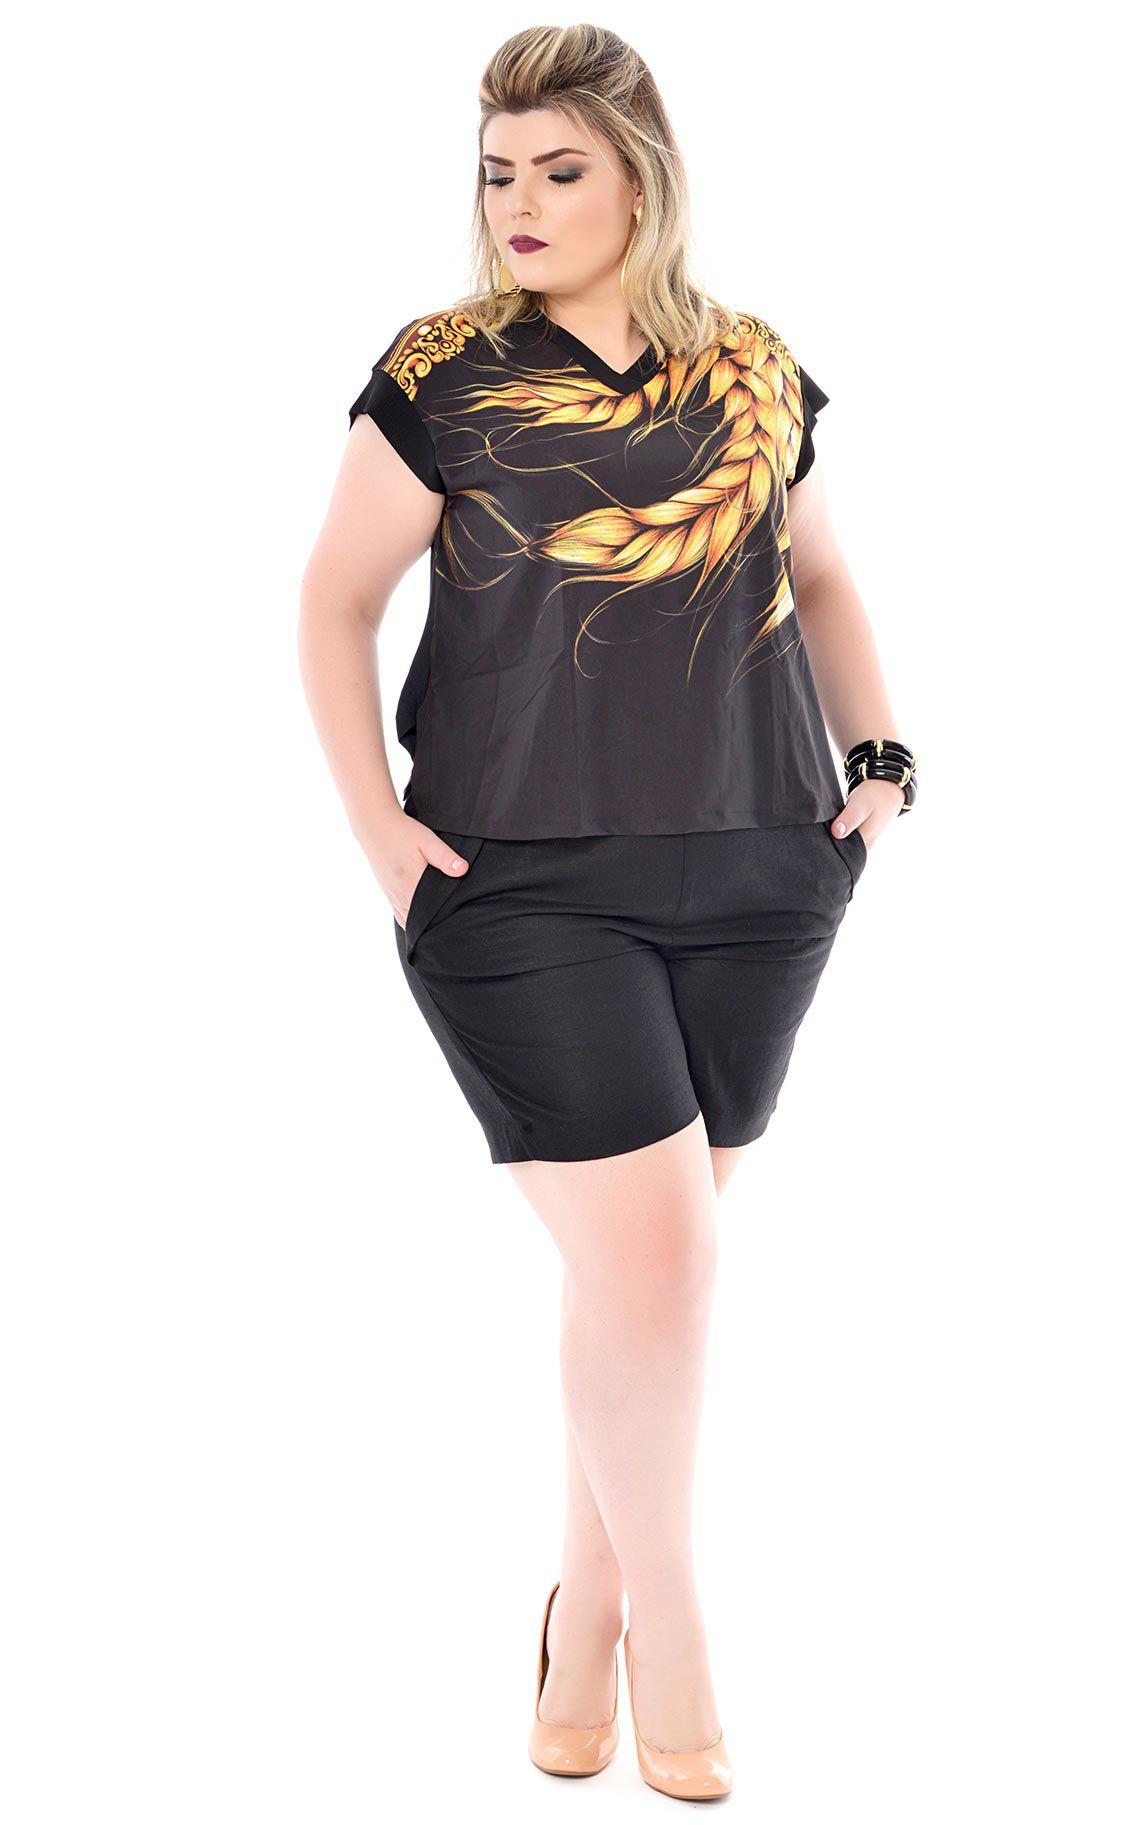 Camiseta Plus Size Weizen